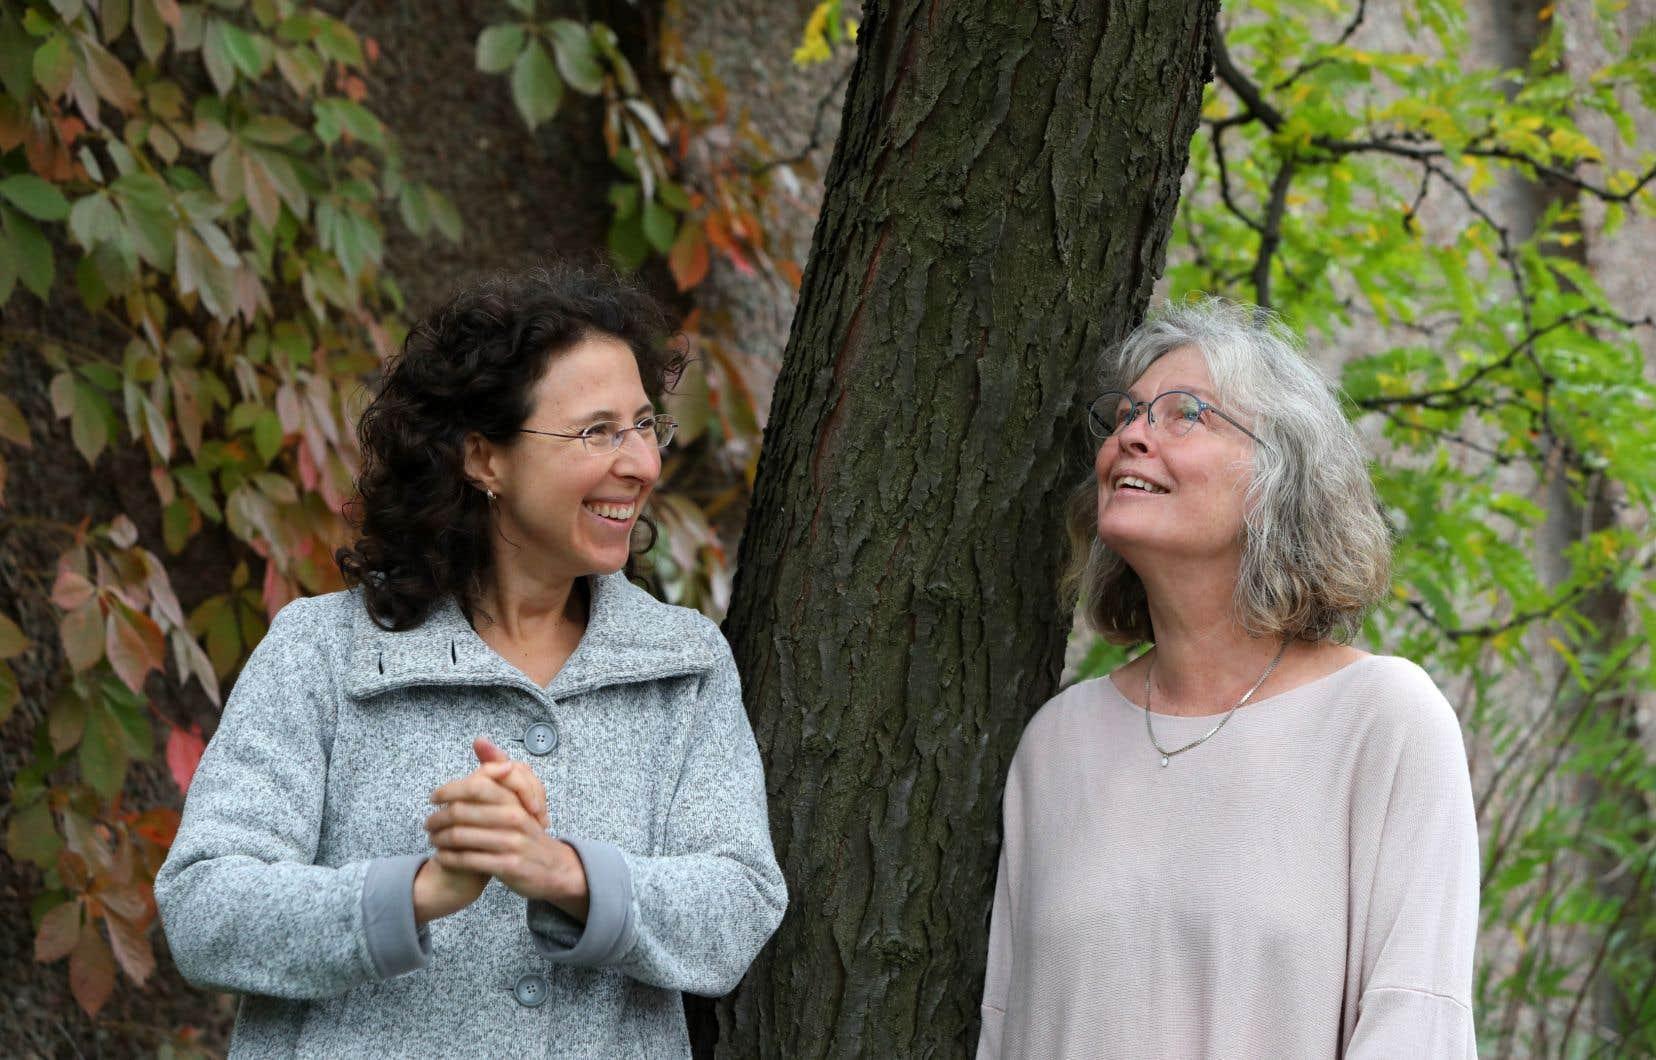 Marianne Trudel et Karen Young n'ont pu colorer ce «Portraits» qu'après avoir beaucoup, beaucoup tracé les contours des mélodies, et lu jusqu'entre les lignes cette poésie chansonnière si singulière.